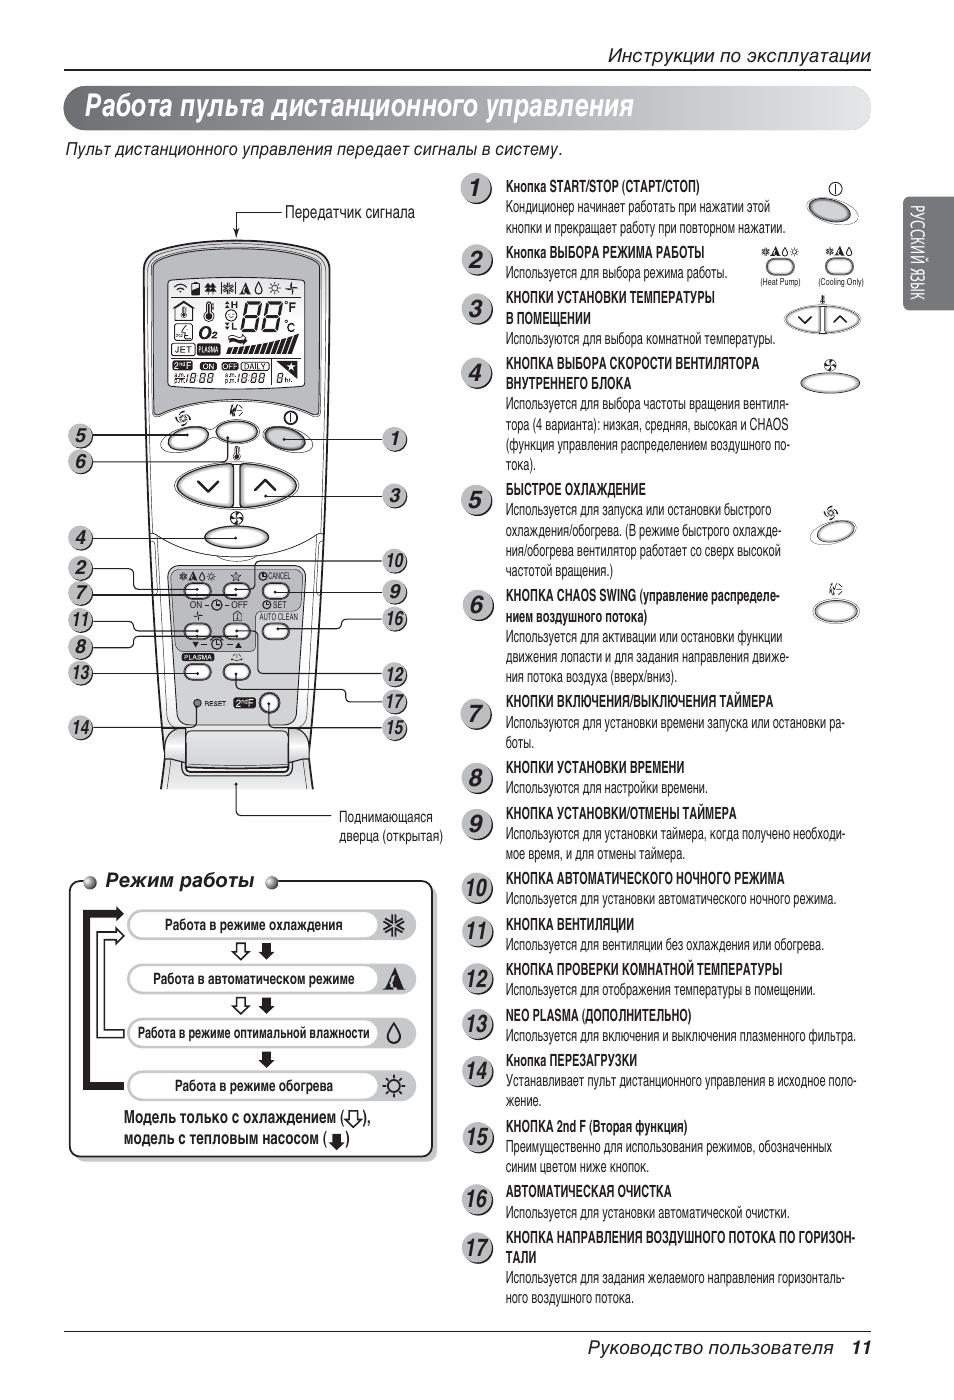 инструкция gj hf,jnt кондиционера lg ms09ah